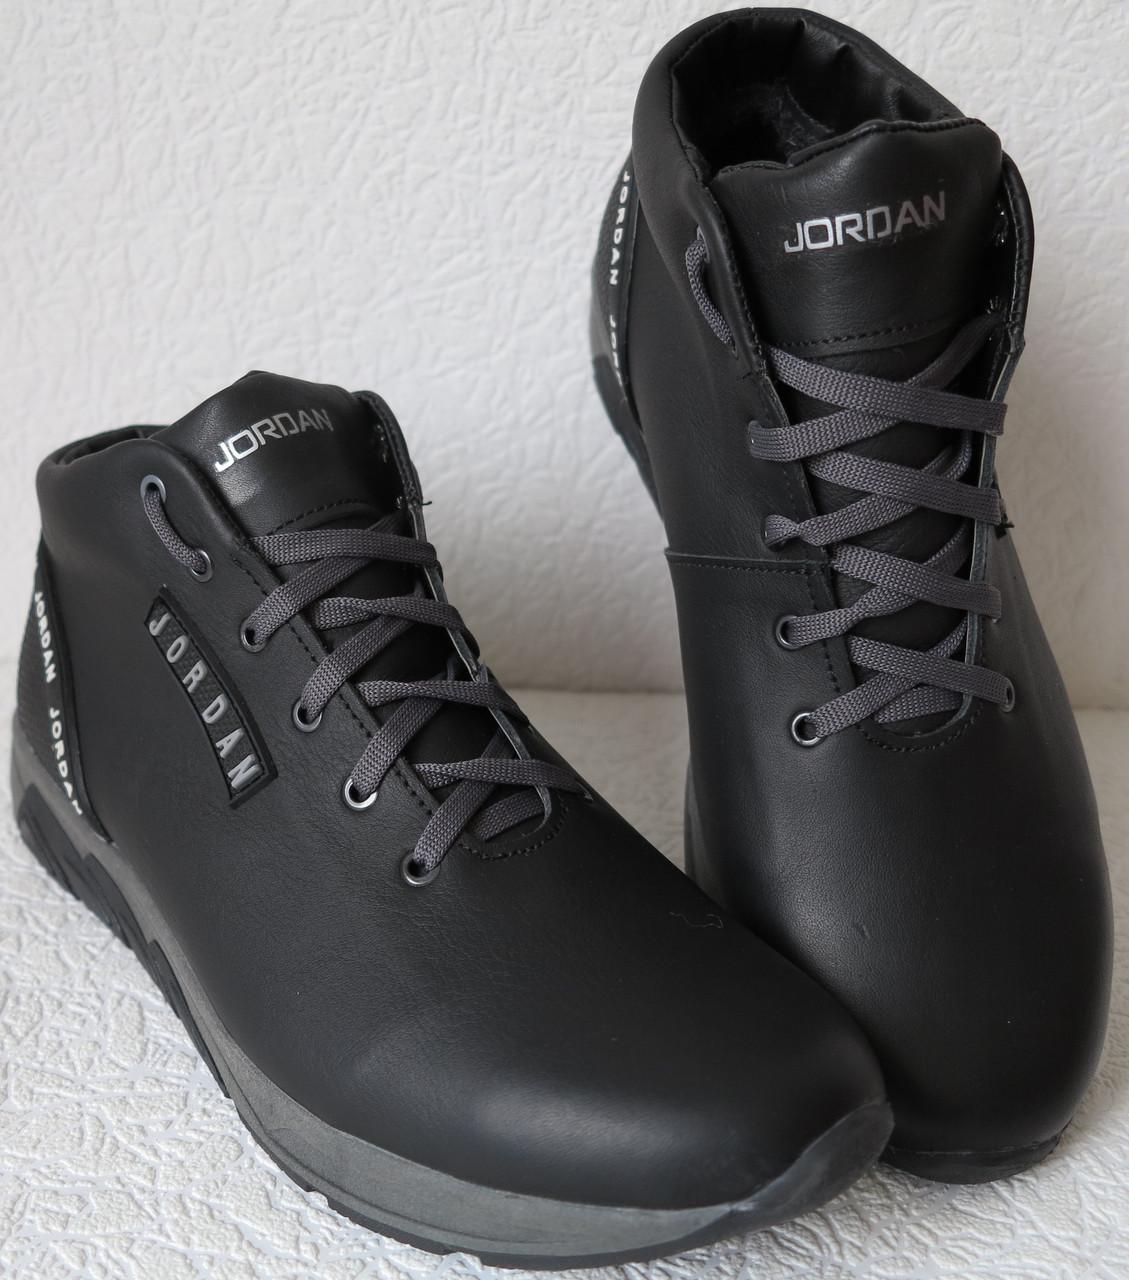 f037aa56 Jordan RP зимние мужские кроссовки кожа черные с белым натуральный мех  шерсть зима комфорт - MANTE